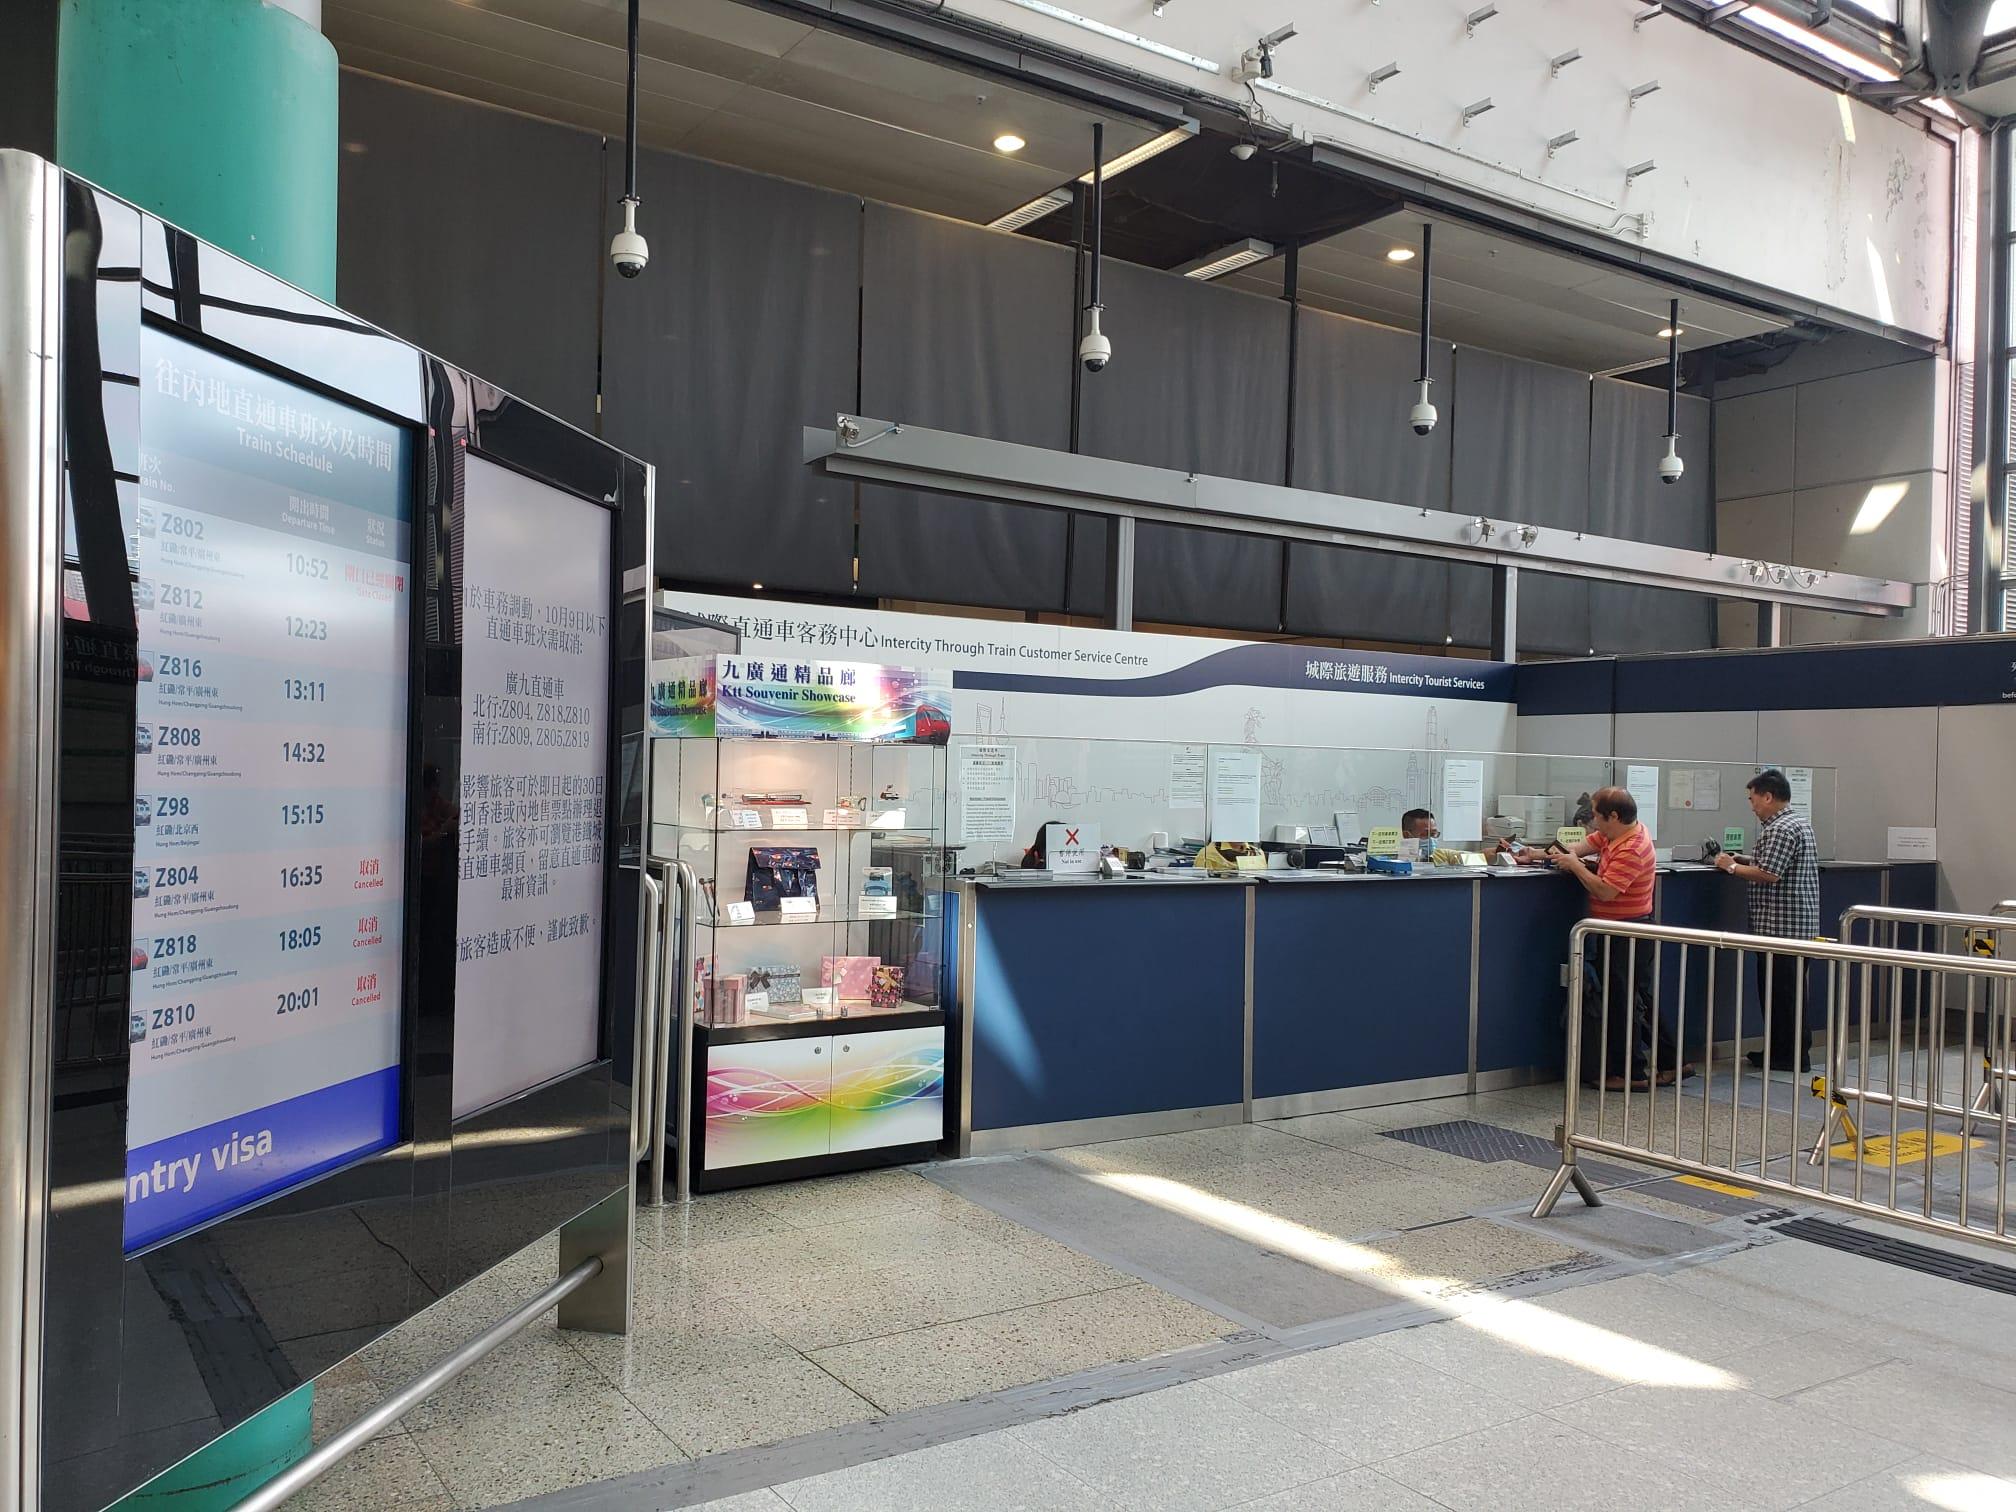 港铁:6班来往广州直通车班次取消 其馀维持正常服务